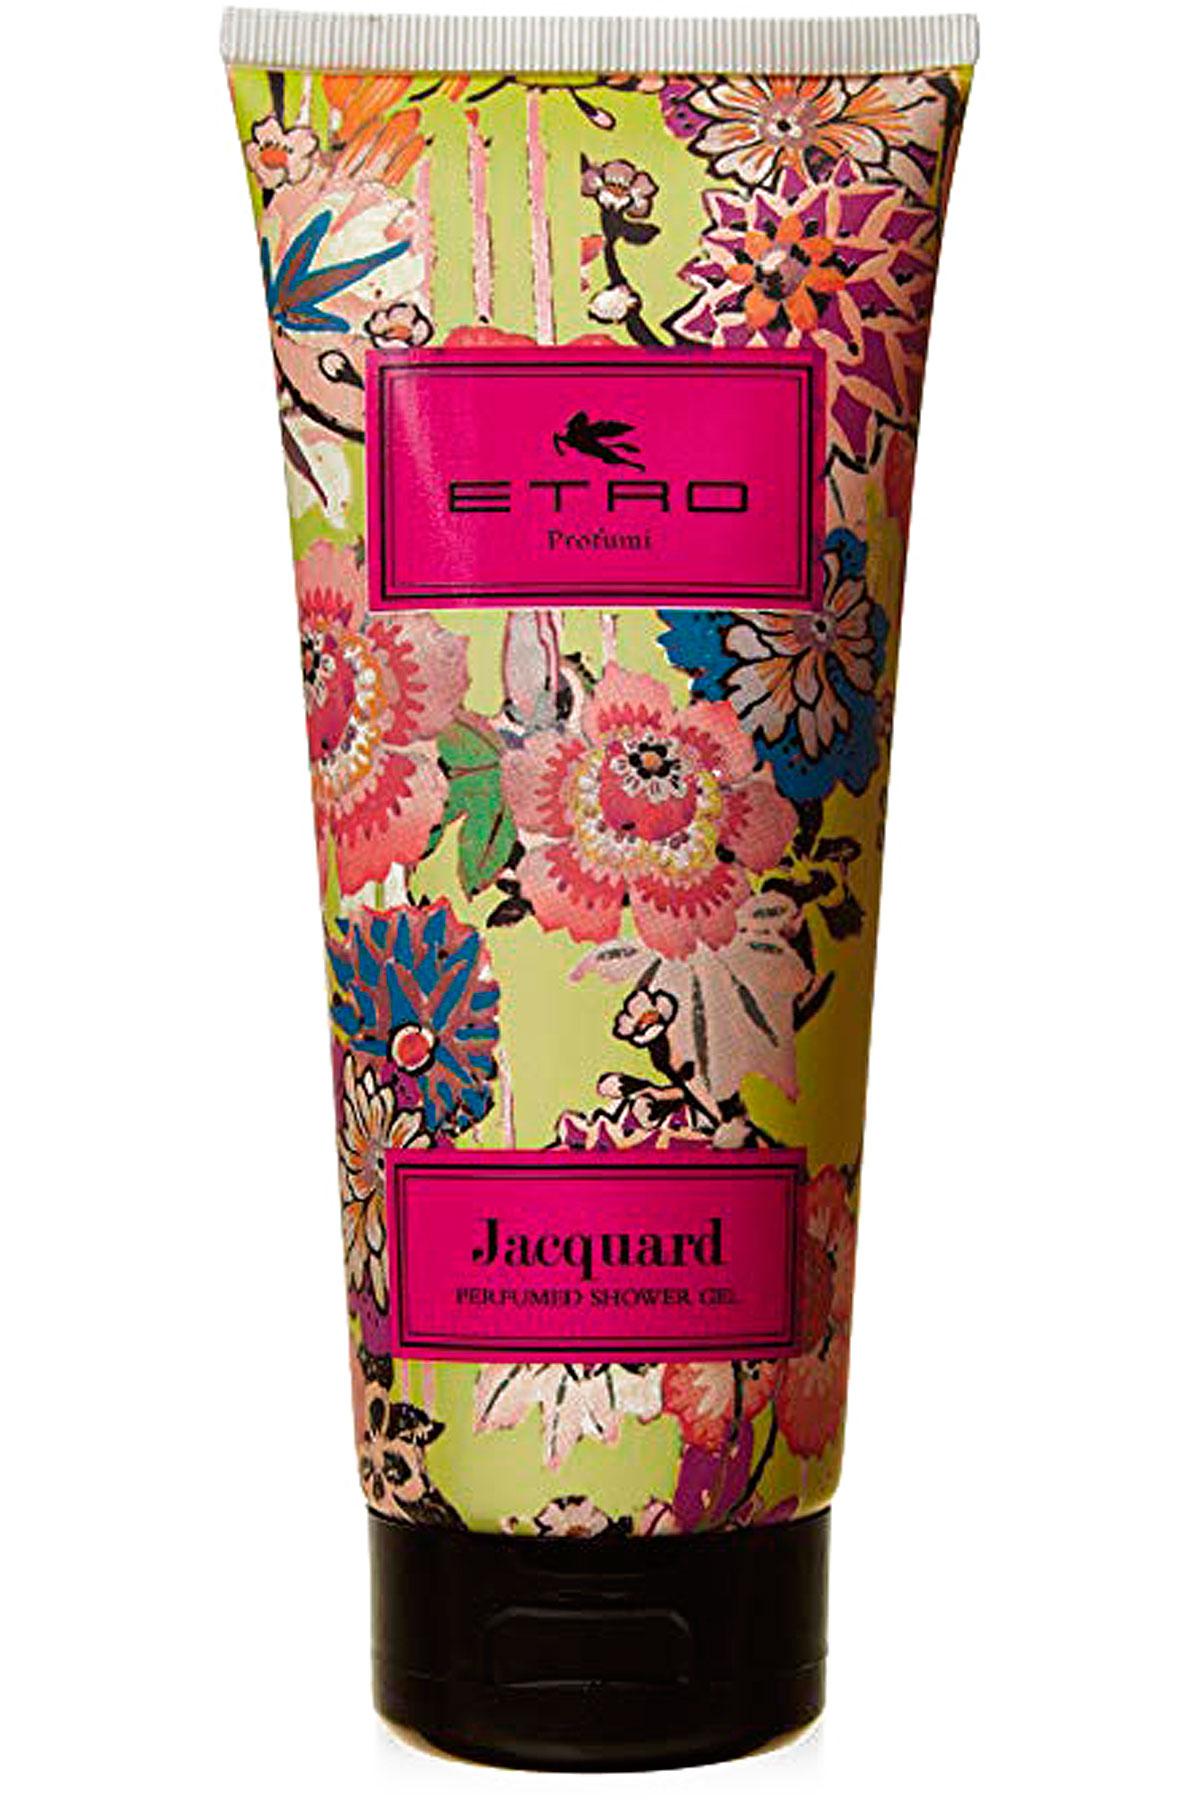 Etro Beauty for Women On Sale, Jaquard - Shower Gel - 200 Ml, 2019, 200 ml